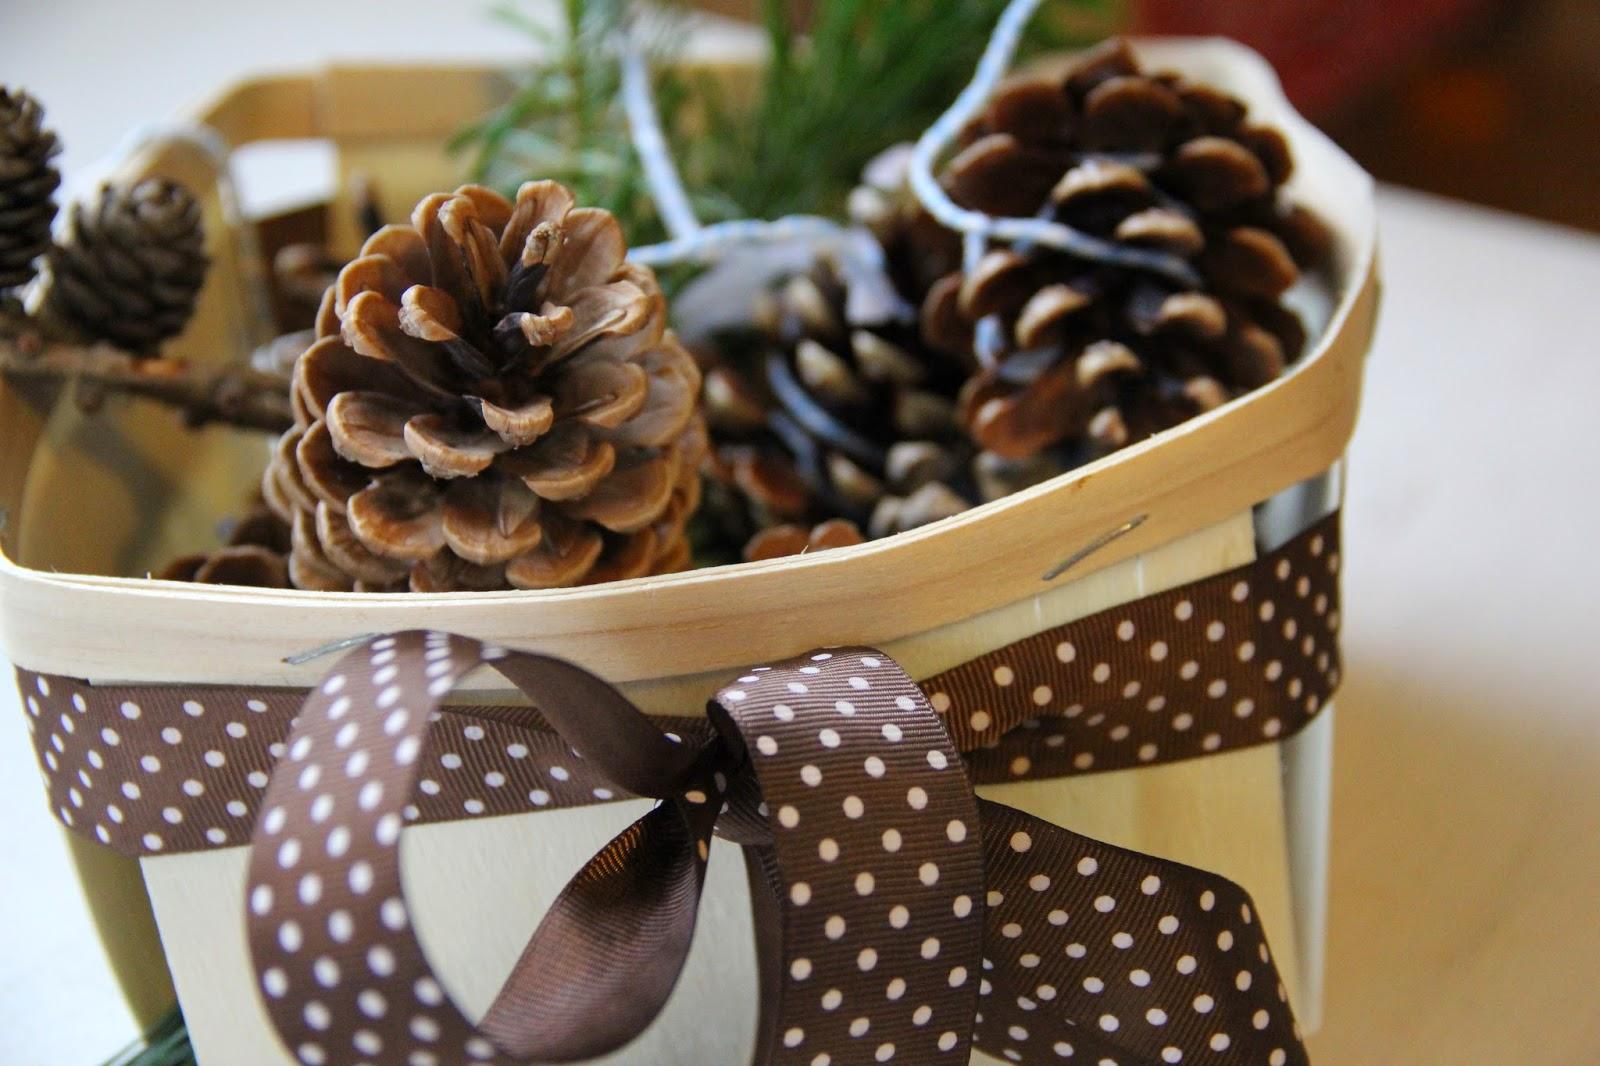 Selbstgemachte Weihnachtsgeschenke: Kaminanzünder-Zapfen | Familienjahr